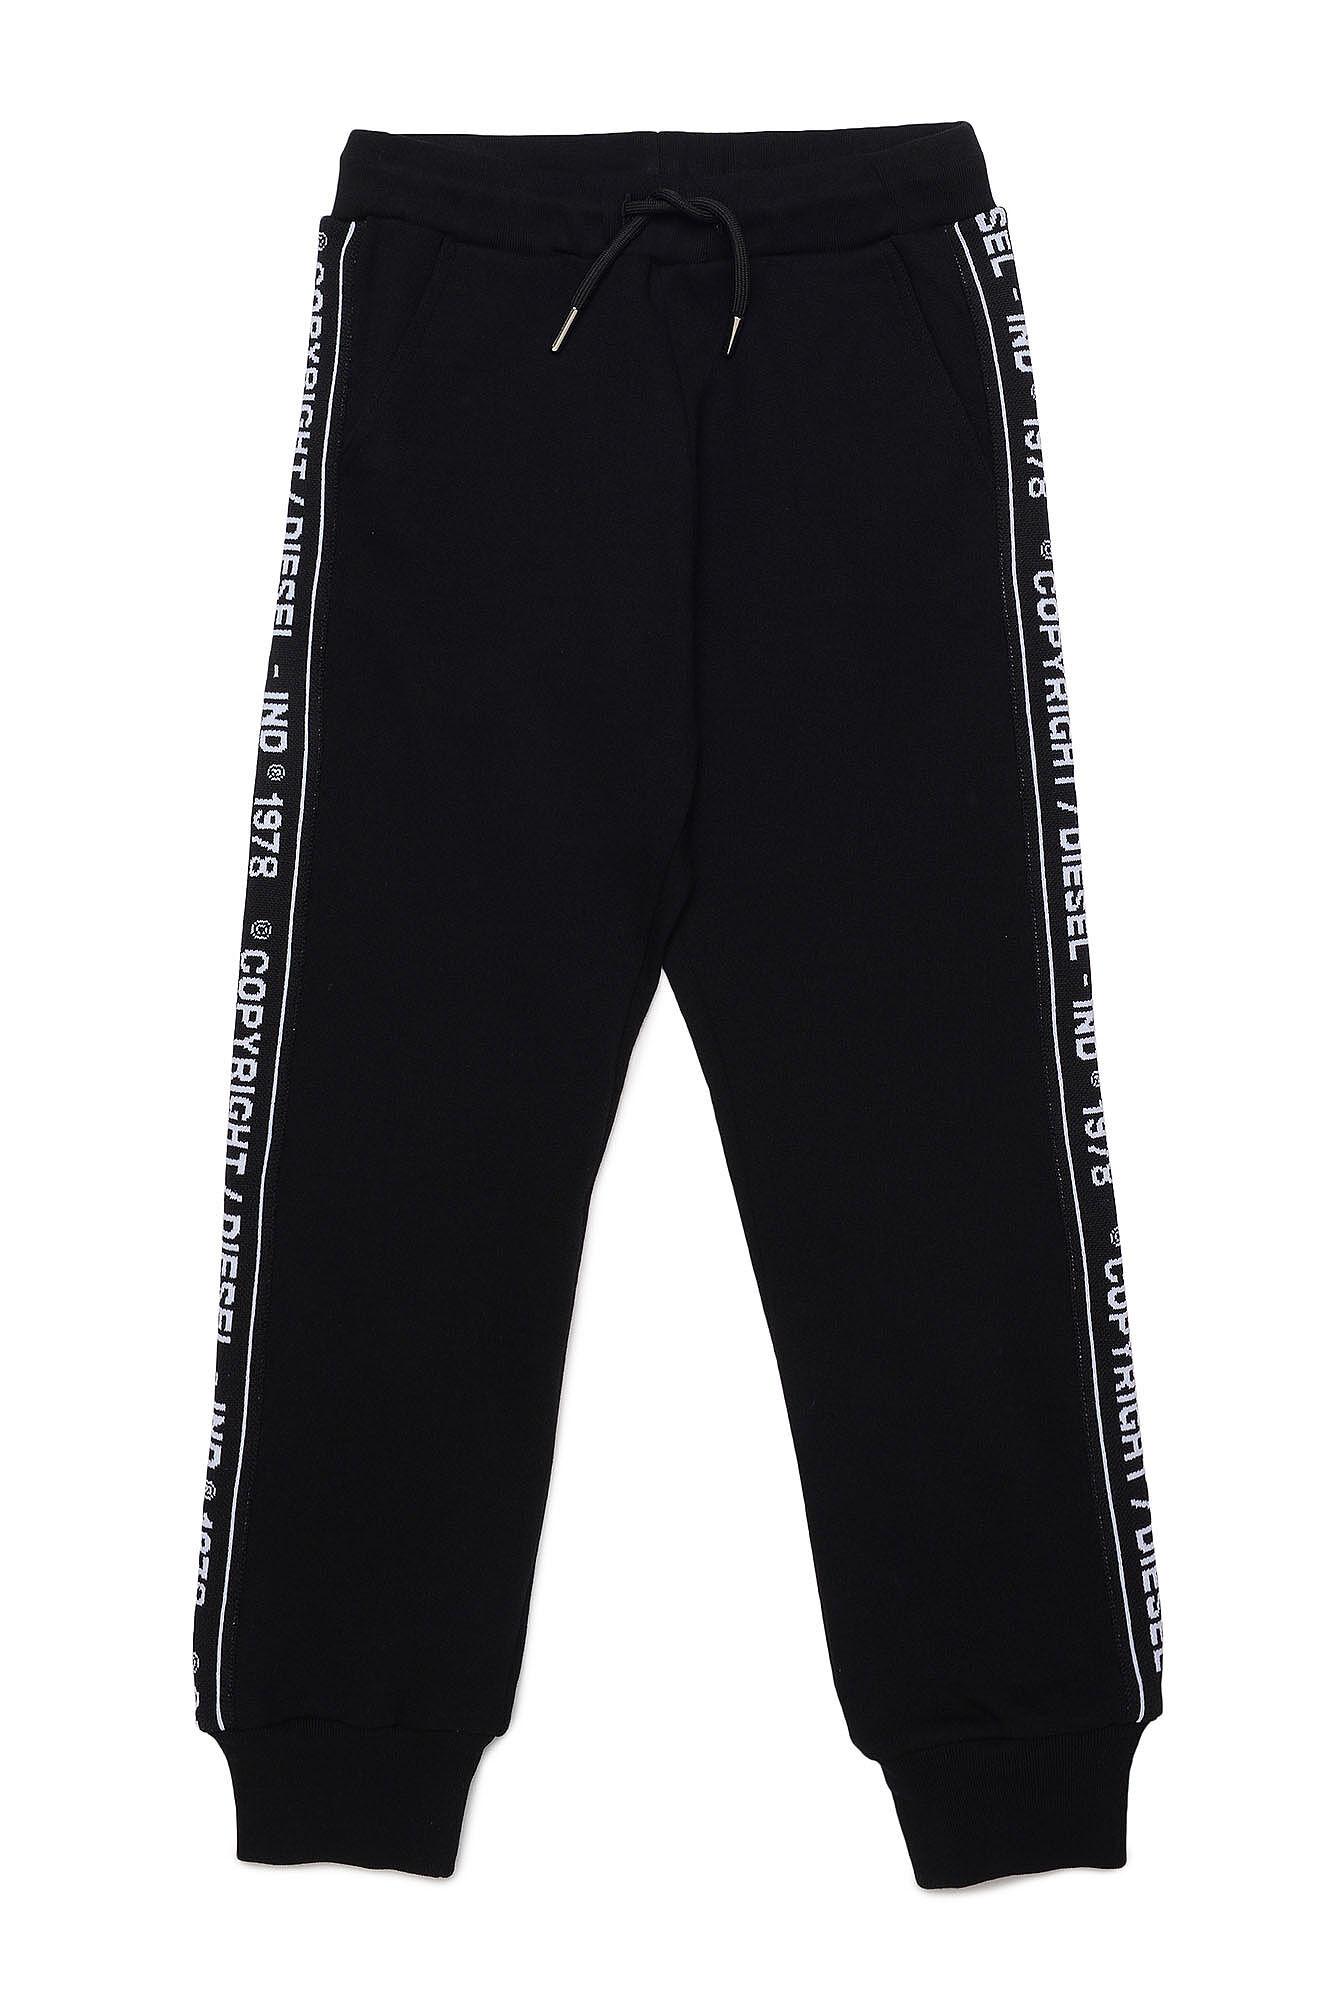 Psuittox Pants - Diesel Kid